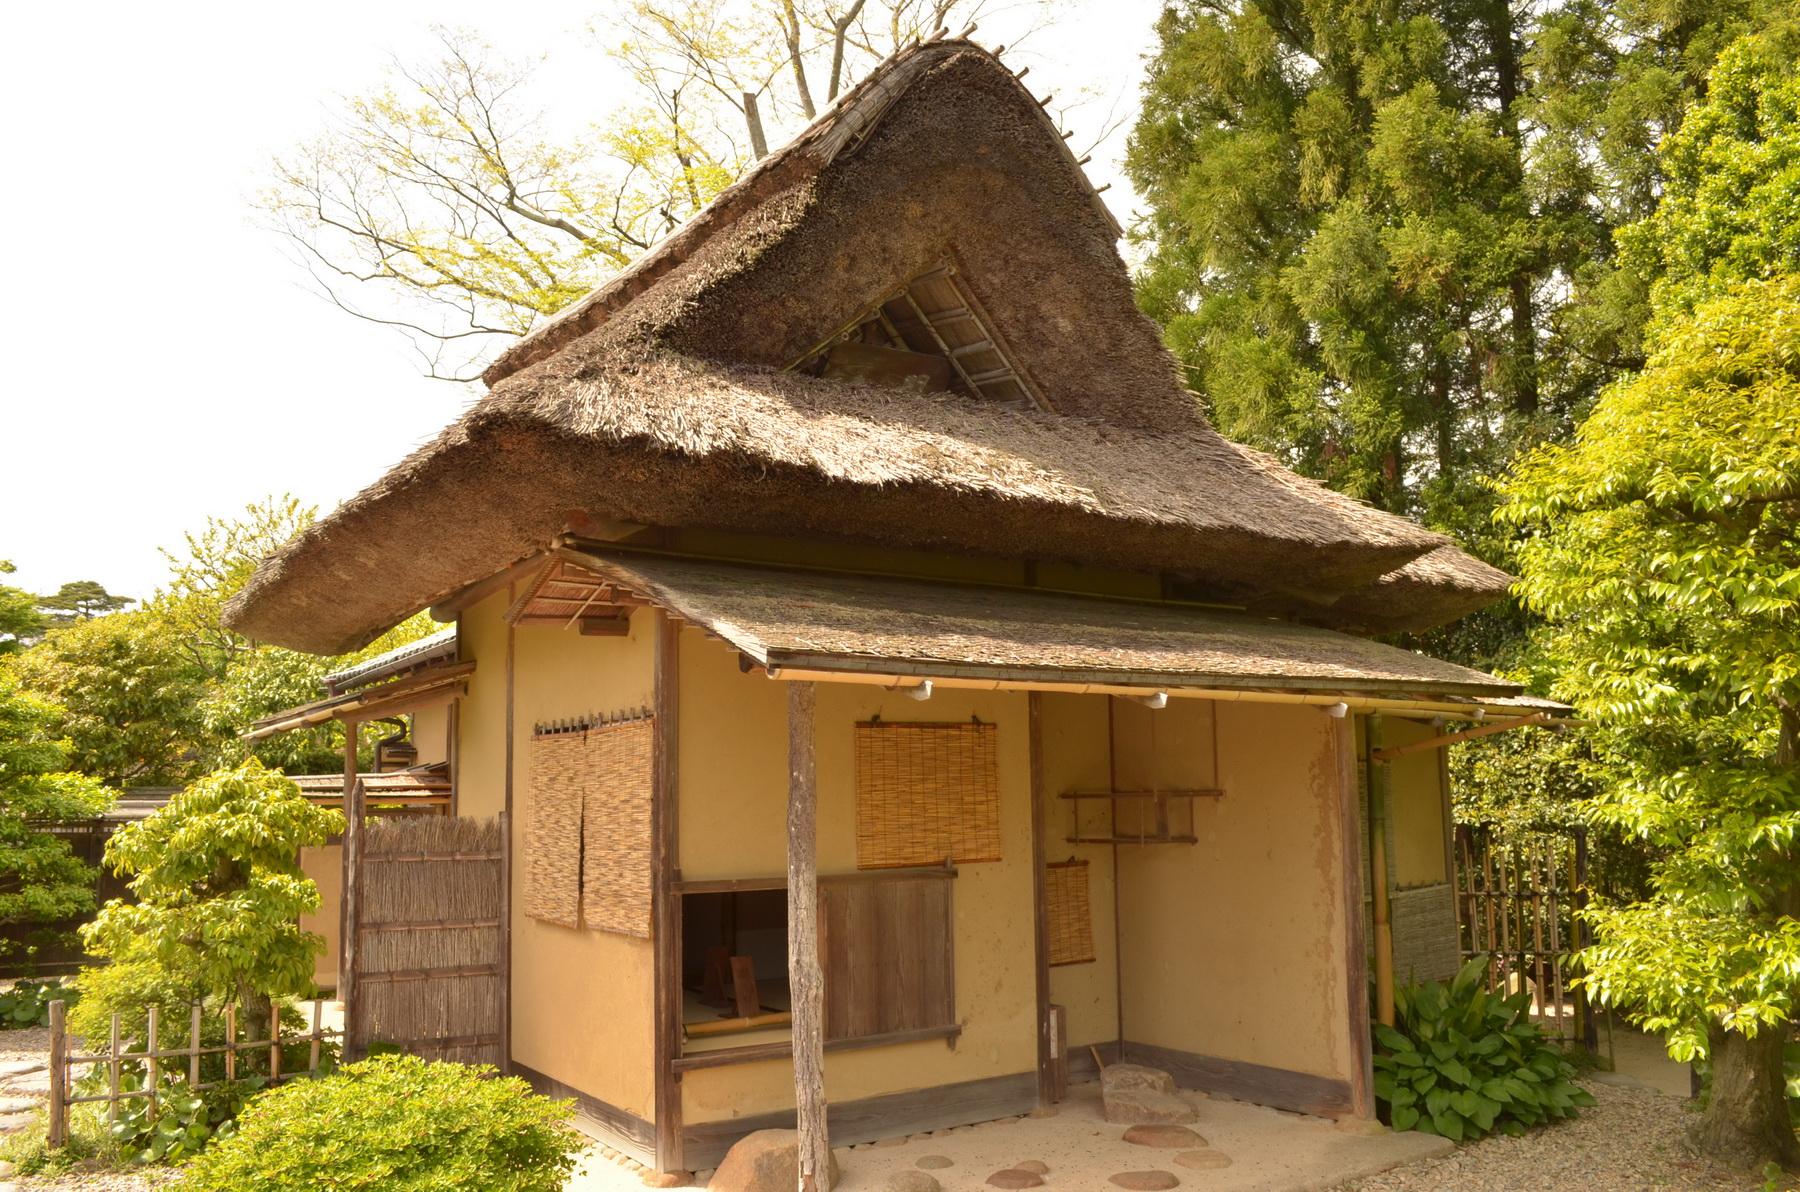 le pavillon de th meimei an d couvrez matsue. Black Bedroom Furniture Sets. Home Design Ideas